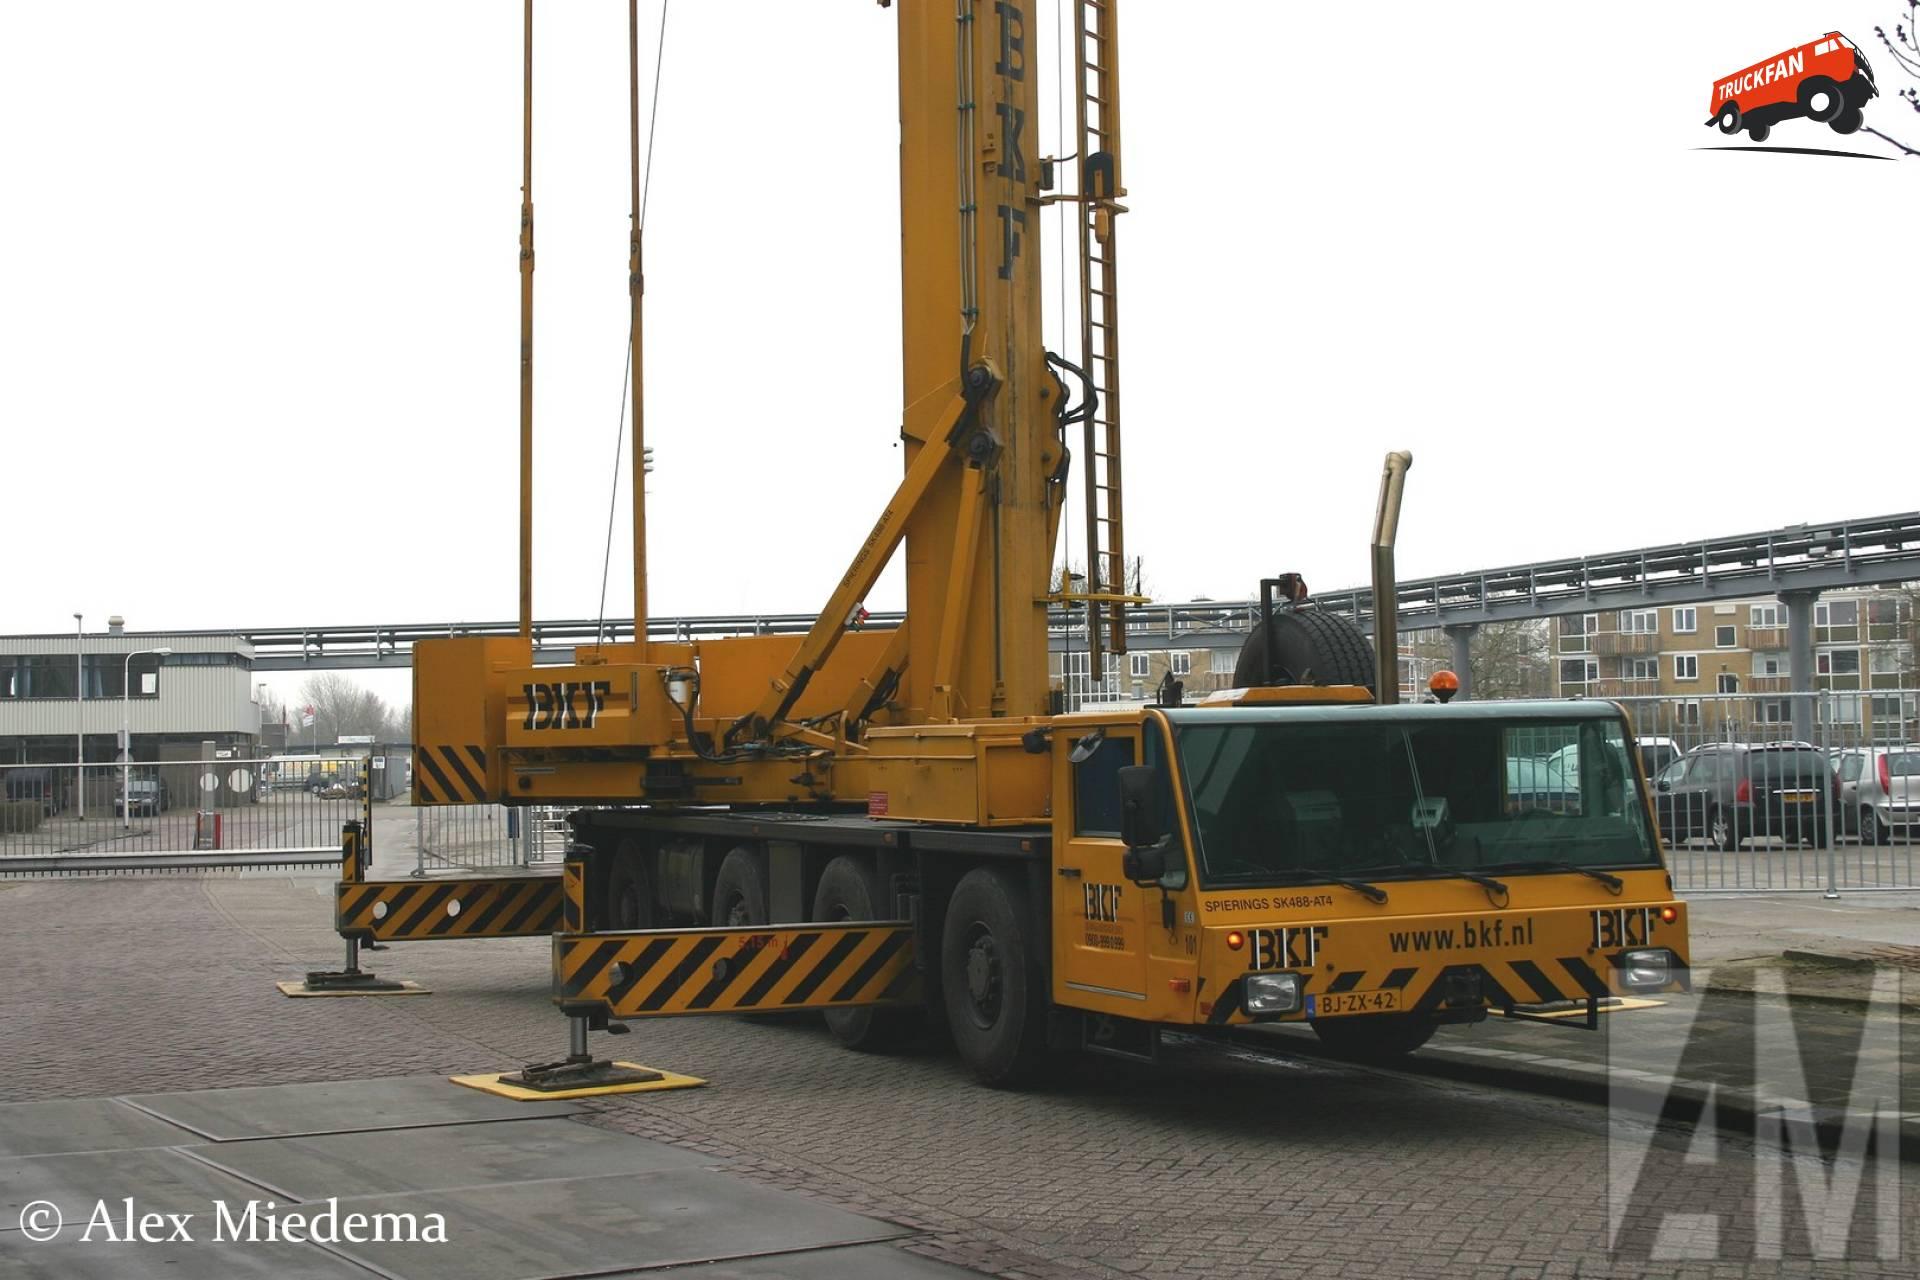 Spierings SK488-AT4